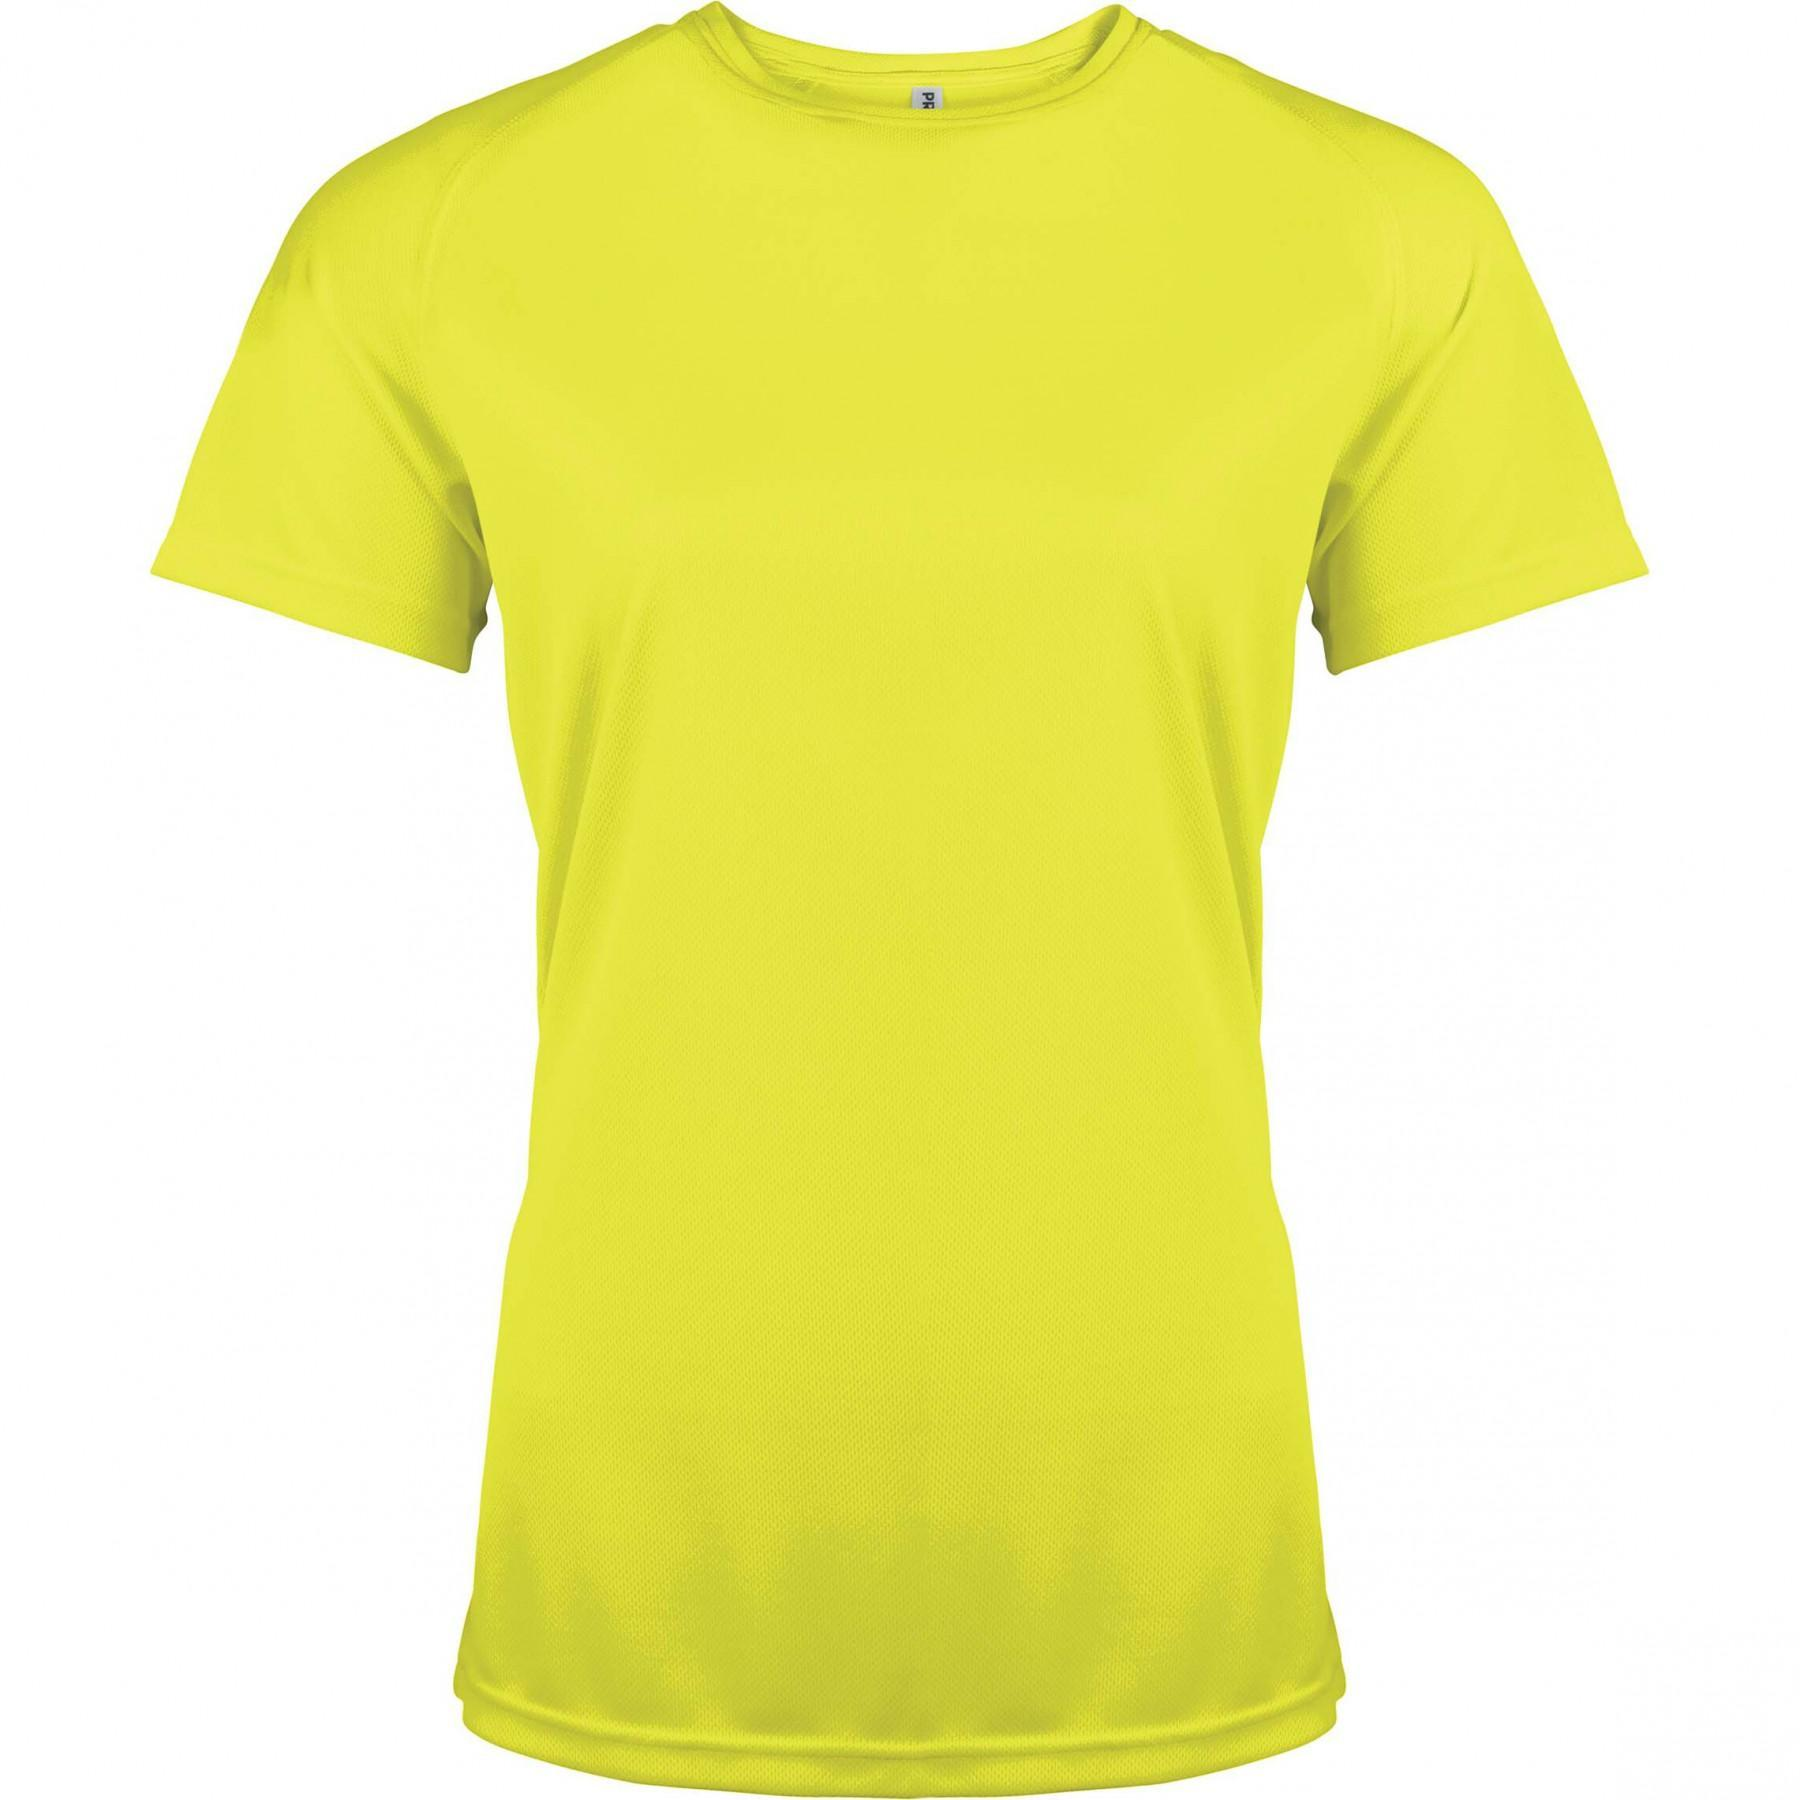 Proact Sport Lightweight Women's T-Shirt